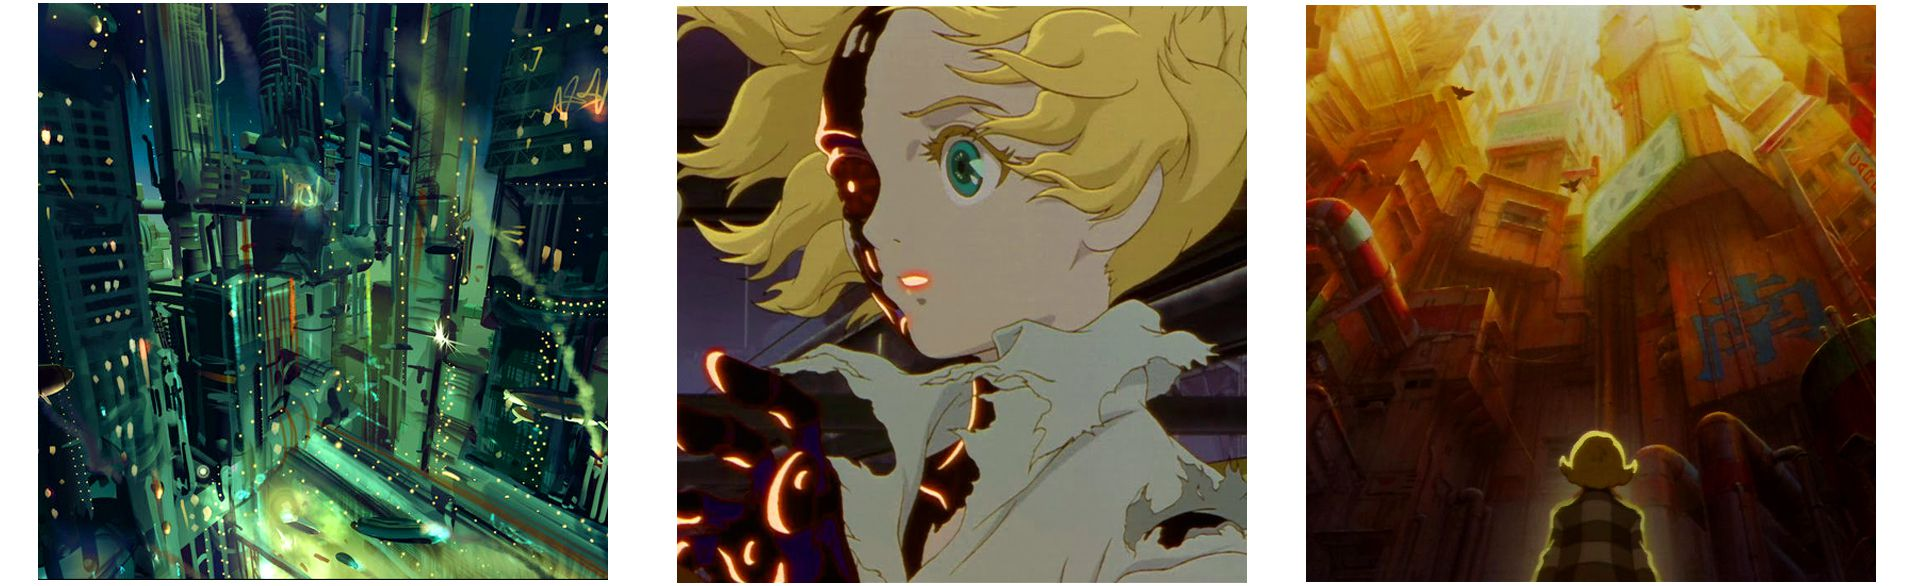 Top 10 anime viễn tưởng hay nhất mọi thời đại không thể bỏ qua (4)